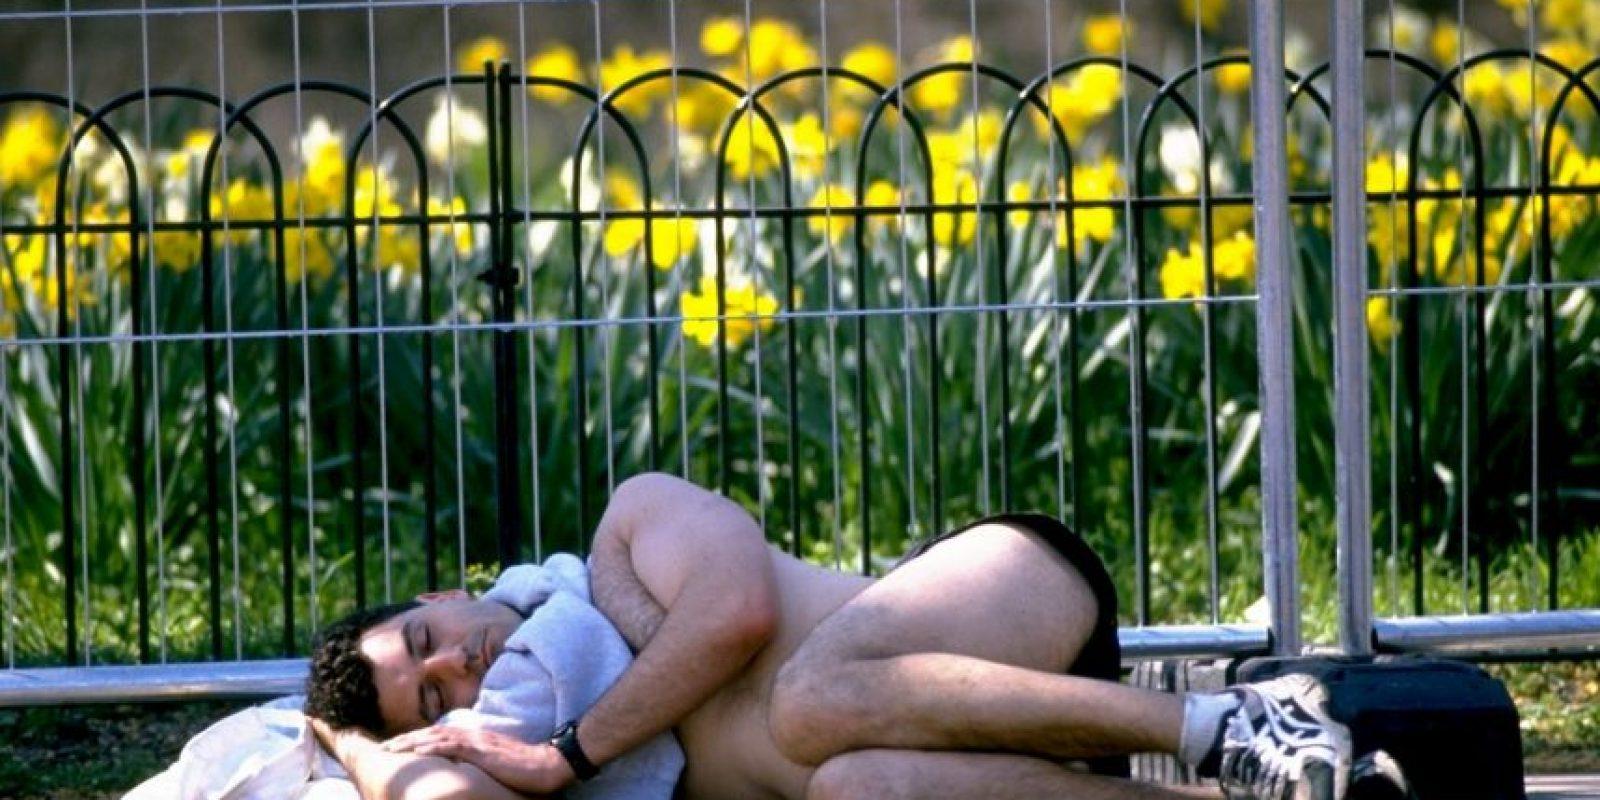 Esto evidentemente mantendrá su cuerpo con ganas de descansar todo el día. Foto:Getty Images